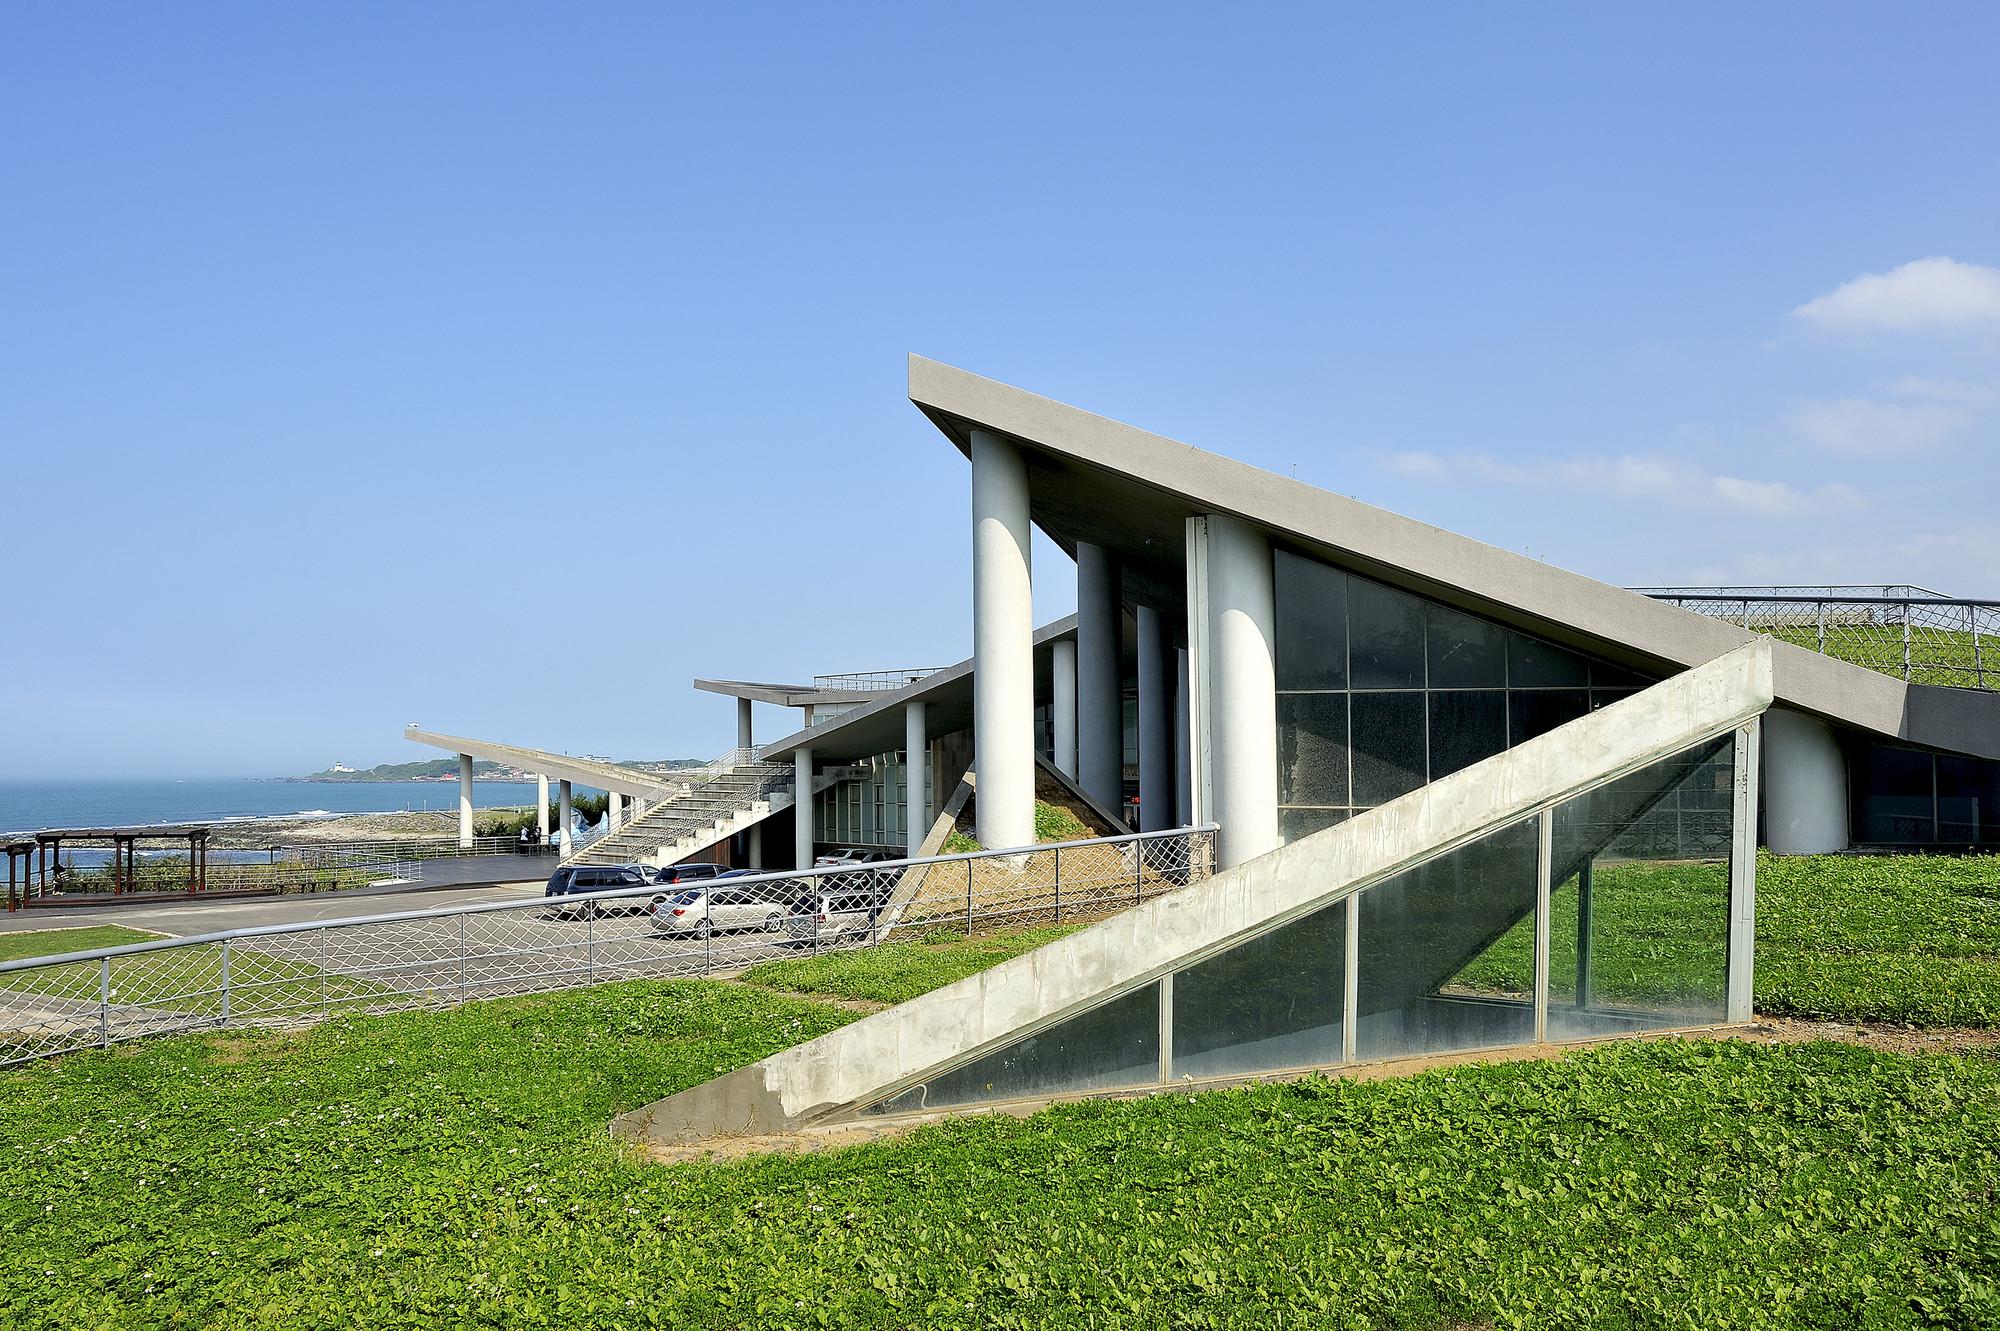 Baisha Wan Beach And Visitor Centre Wang Weijen